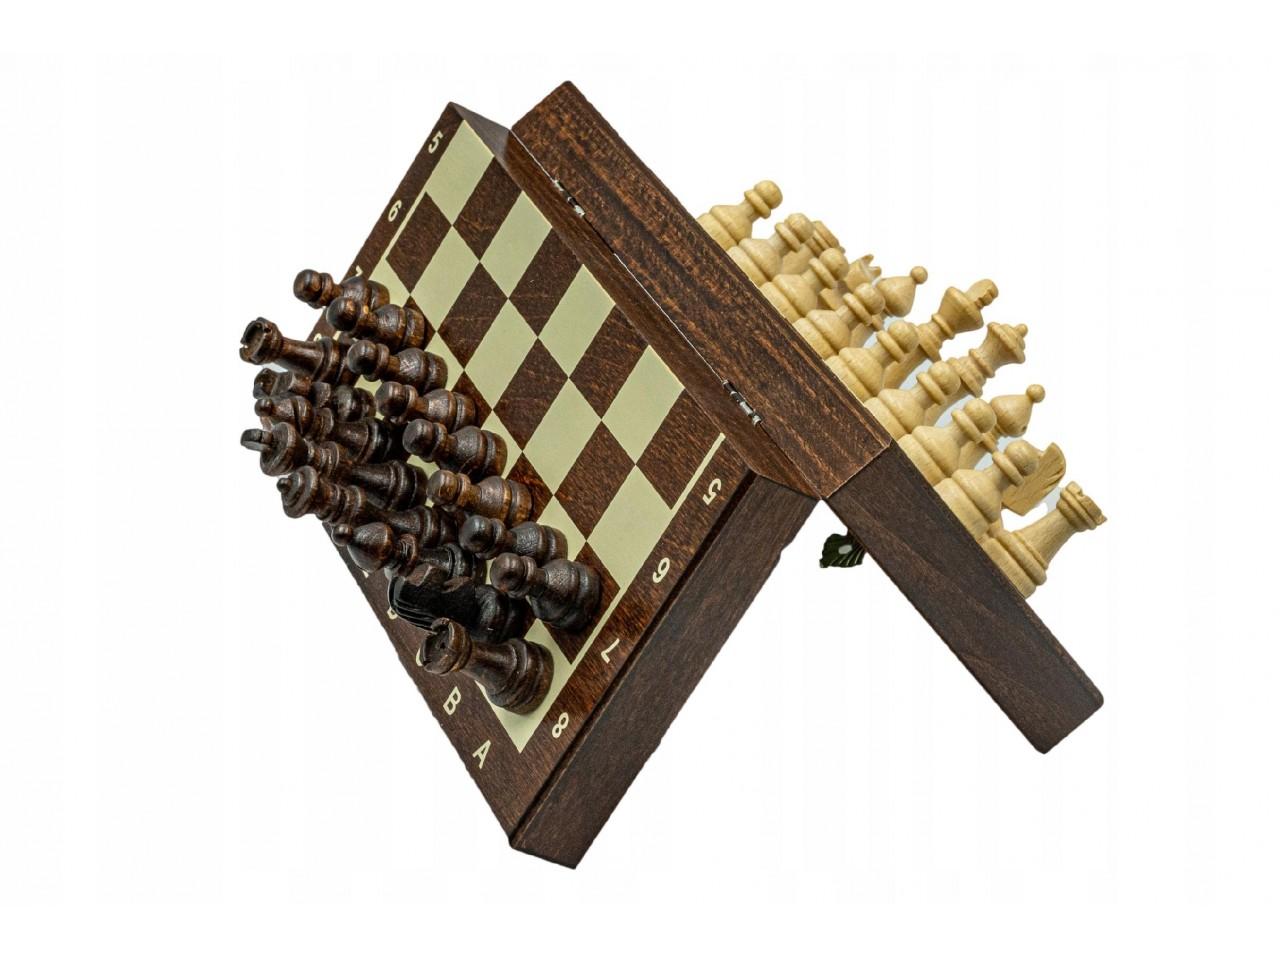 szachy magnetyczne turystyczne